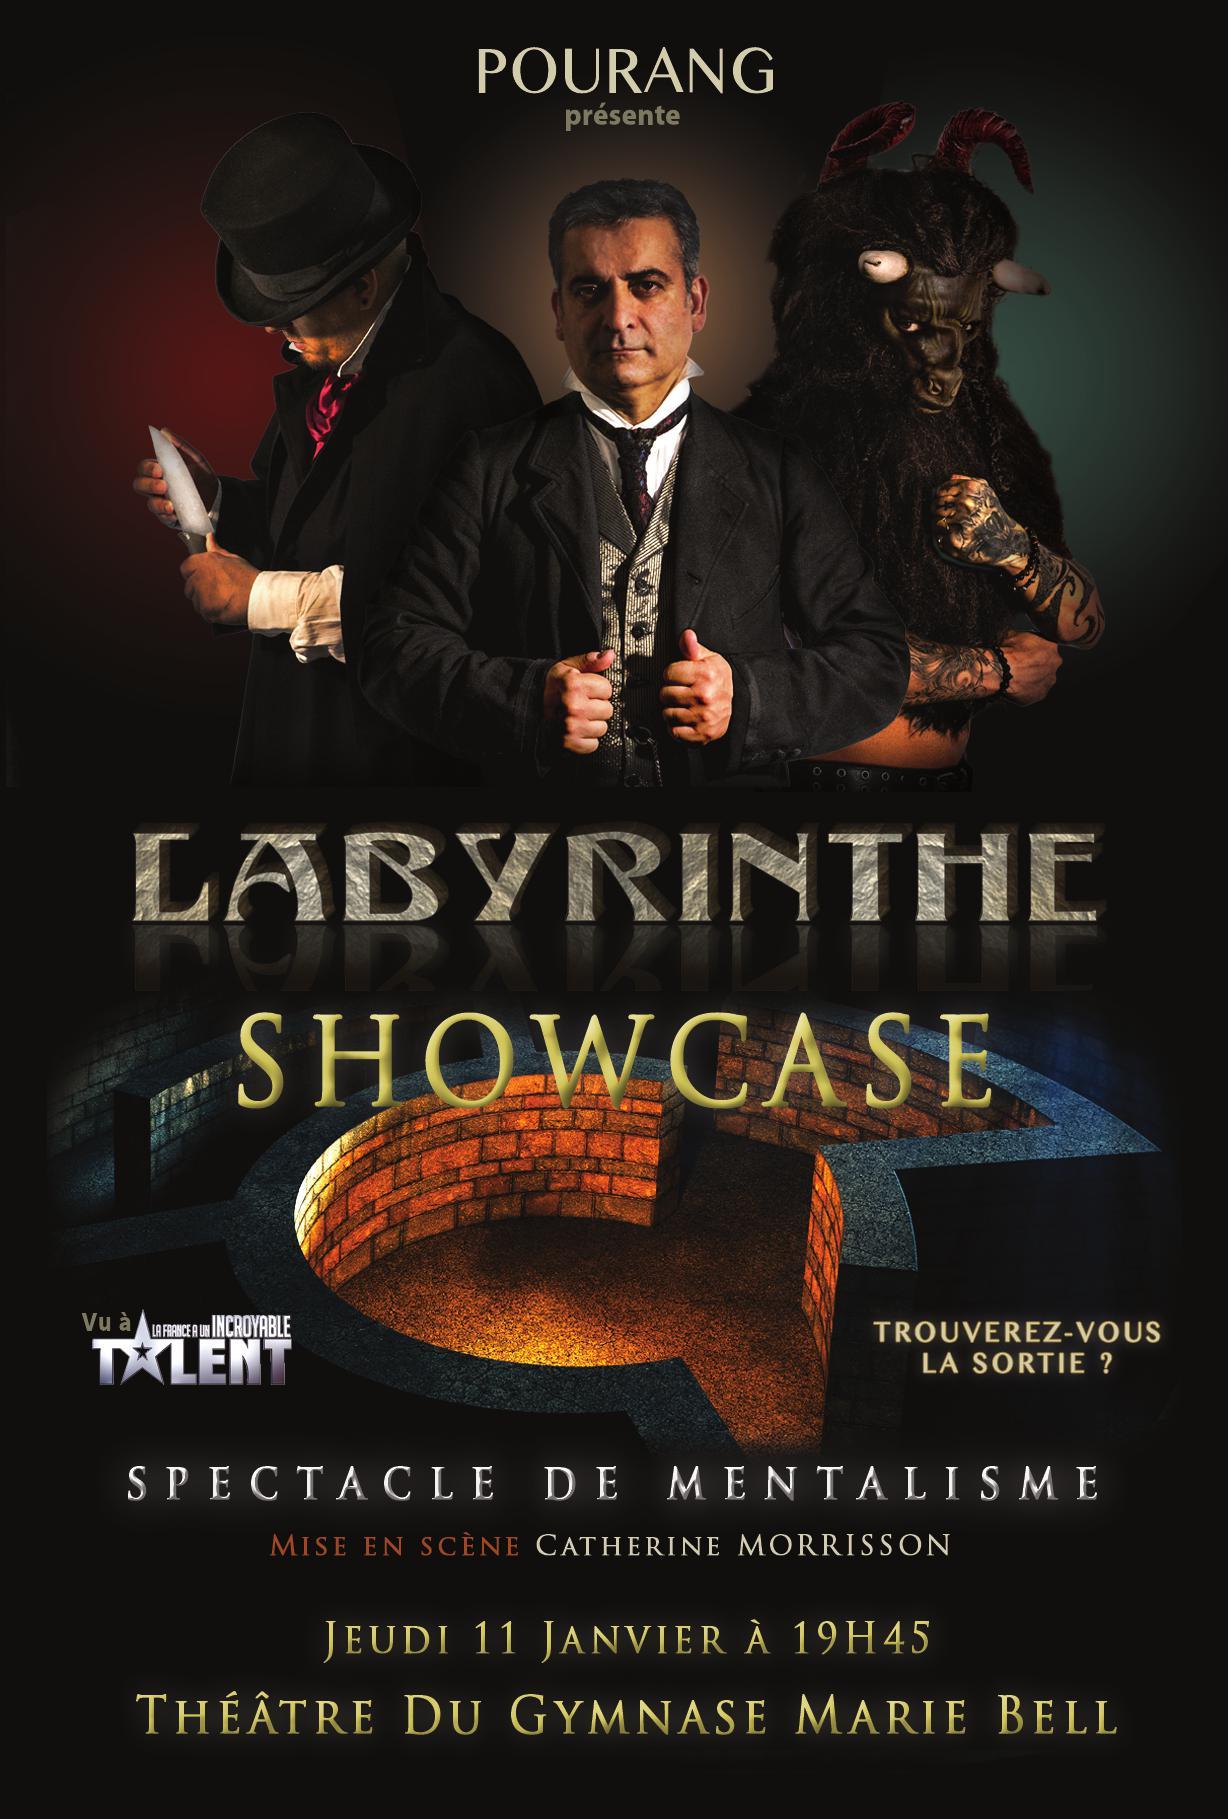 Flyer_recto_10x15 showcase_000001